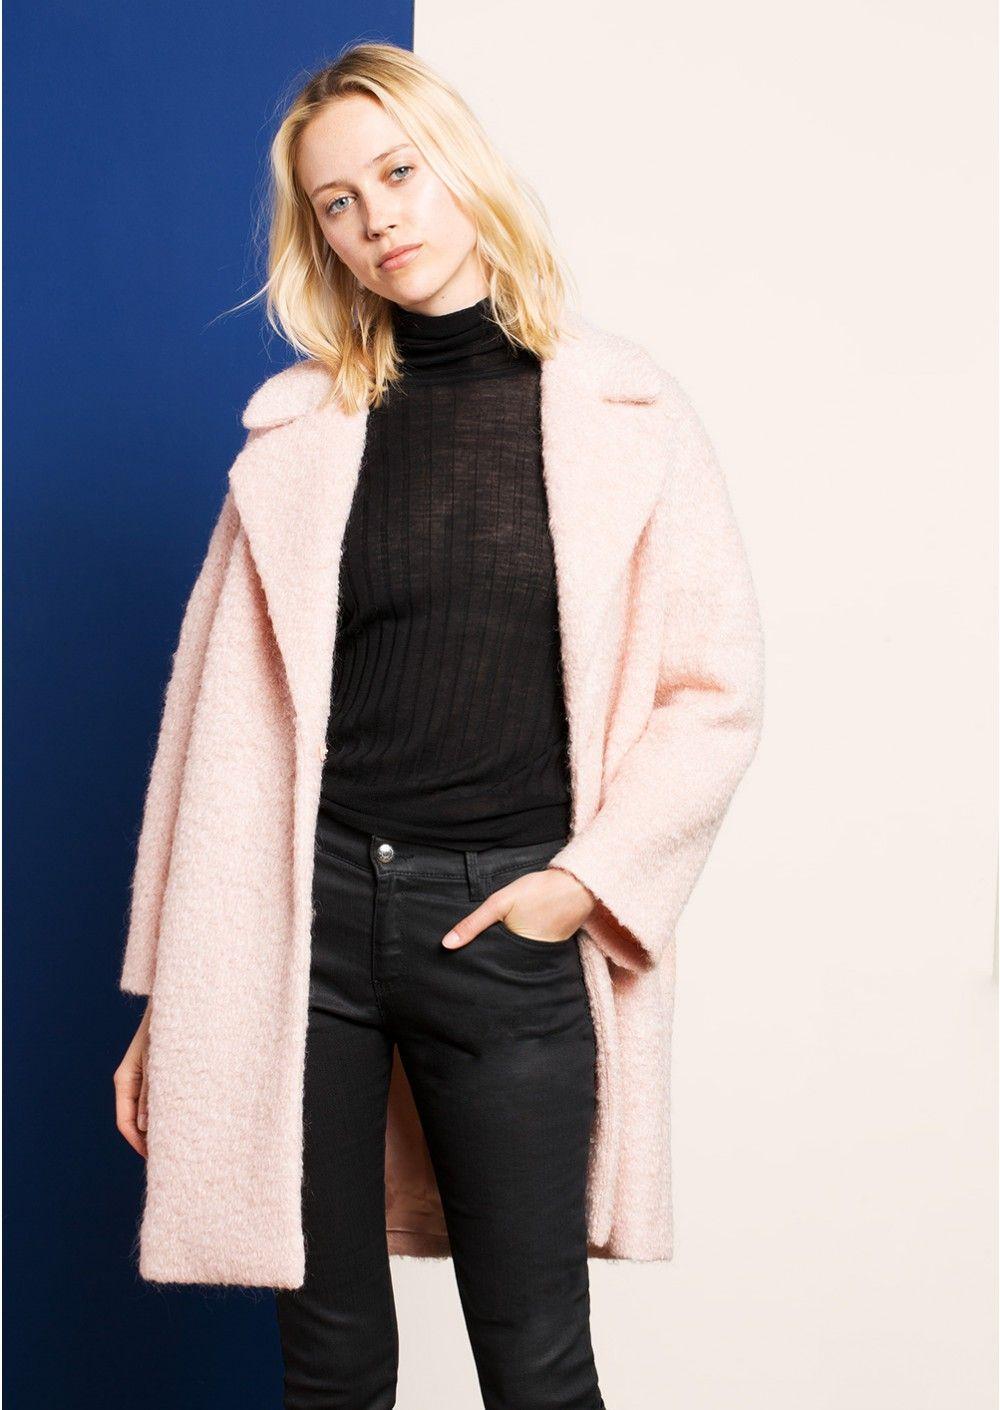 sélection premium 20852 36a87 Manteau rose en bouclette mohair - femme - tara jarmon 1 ...